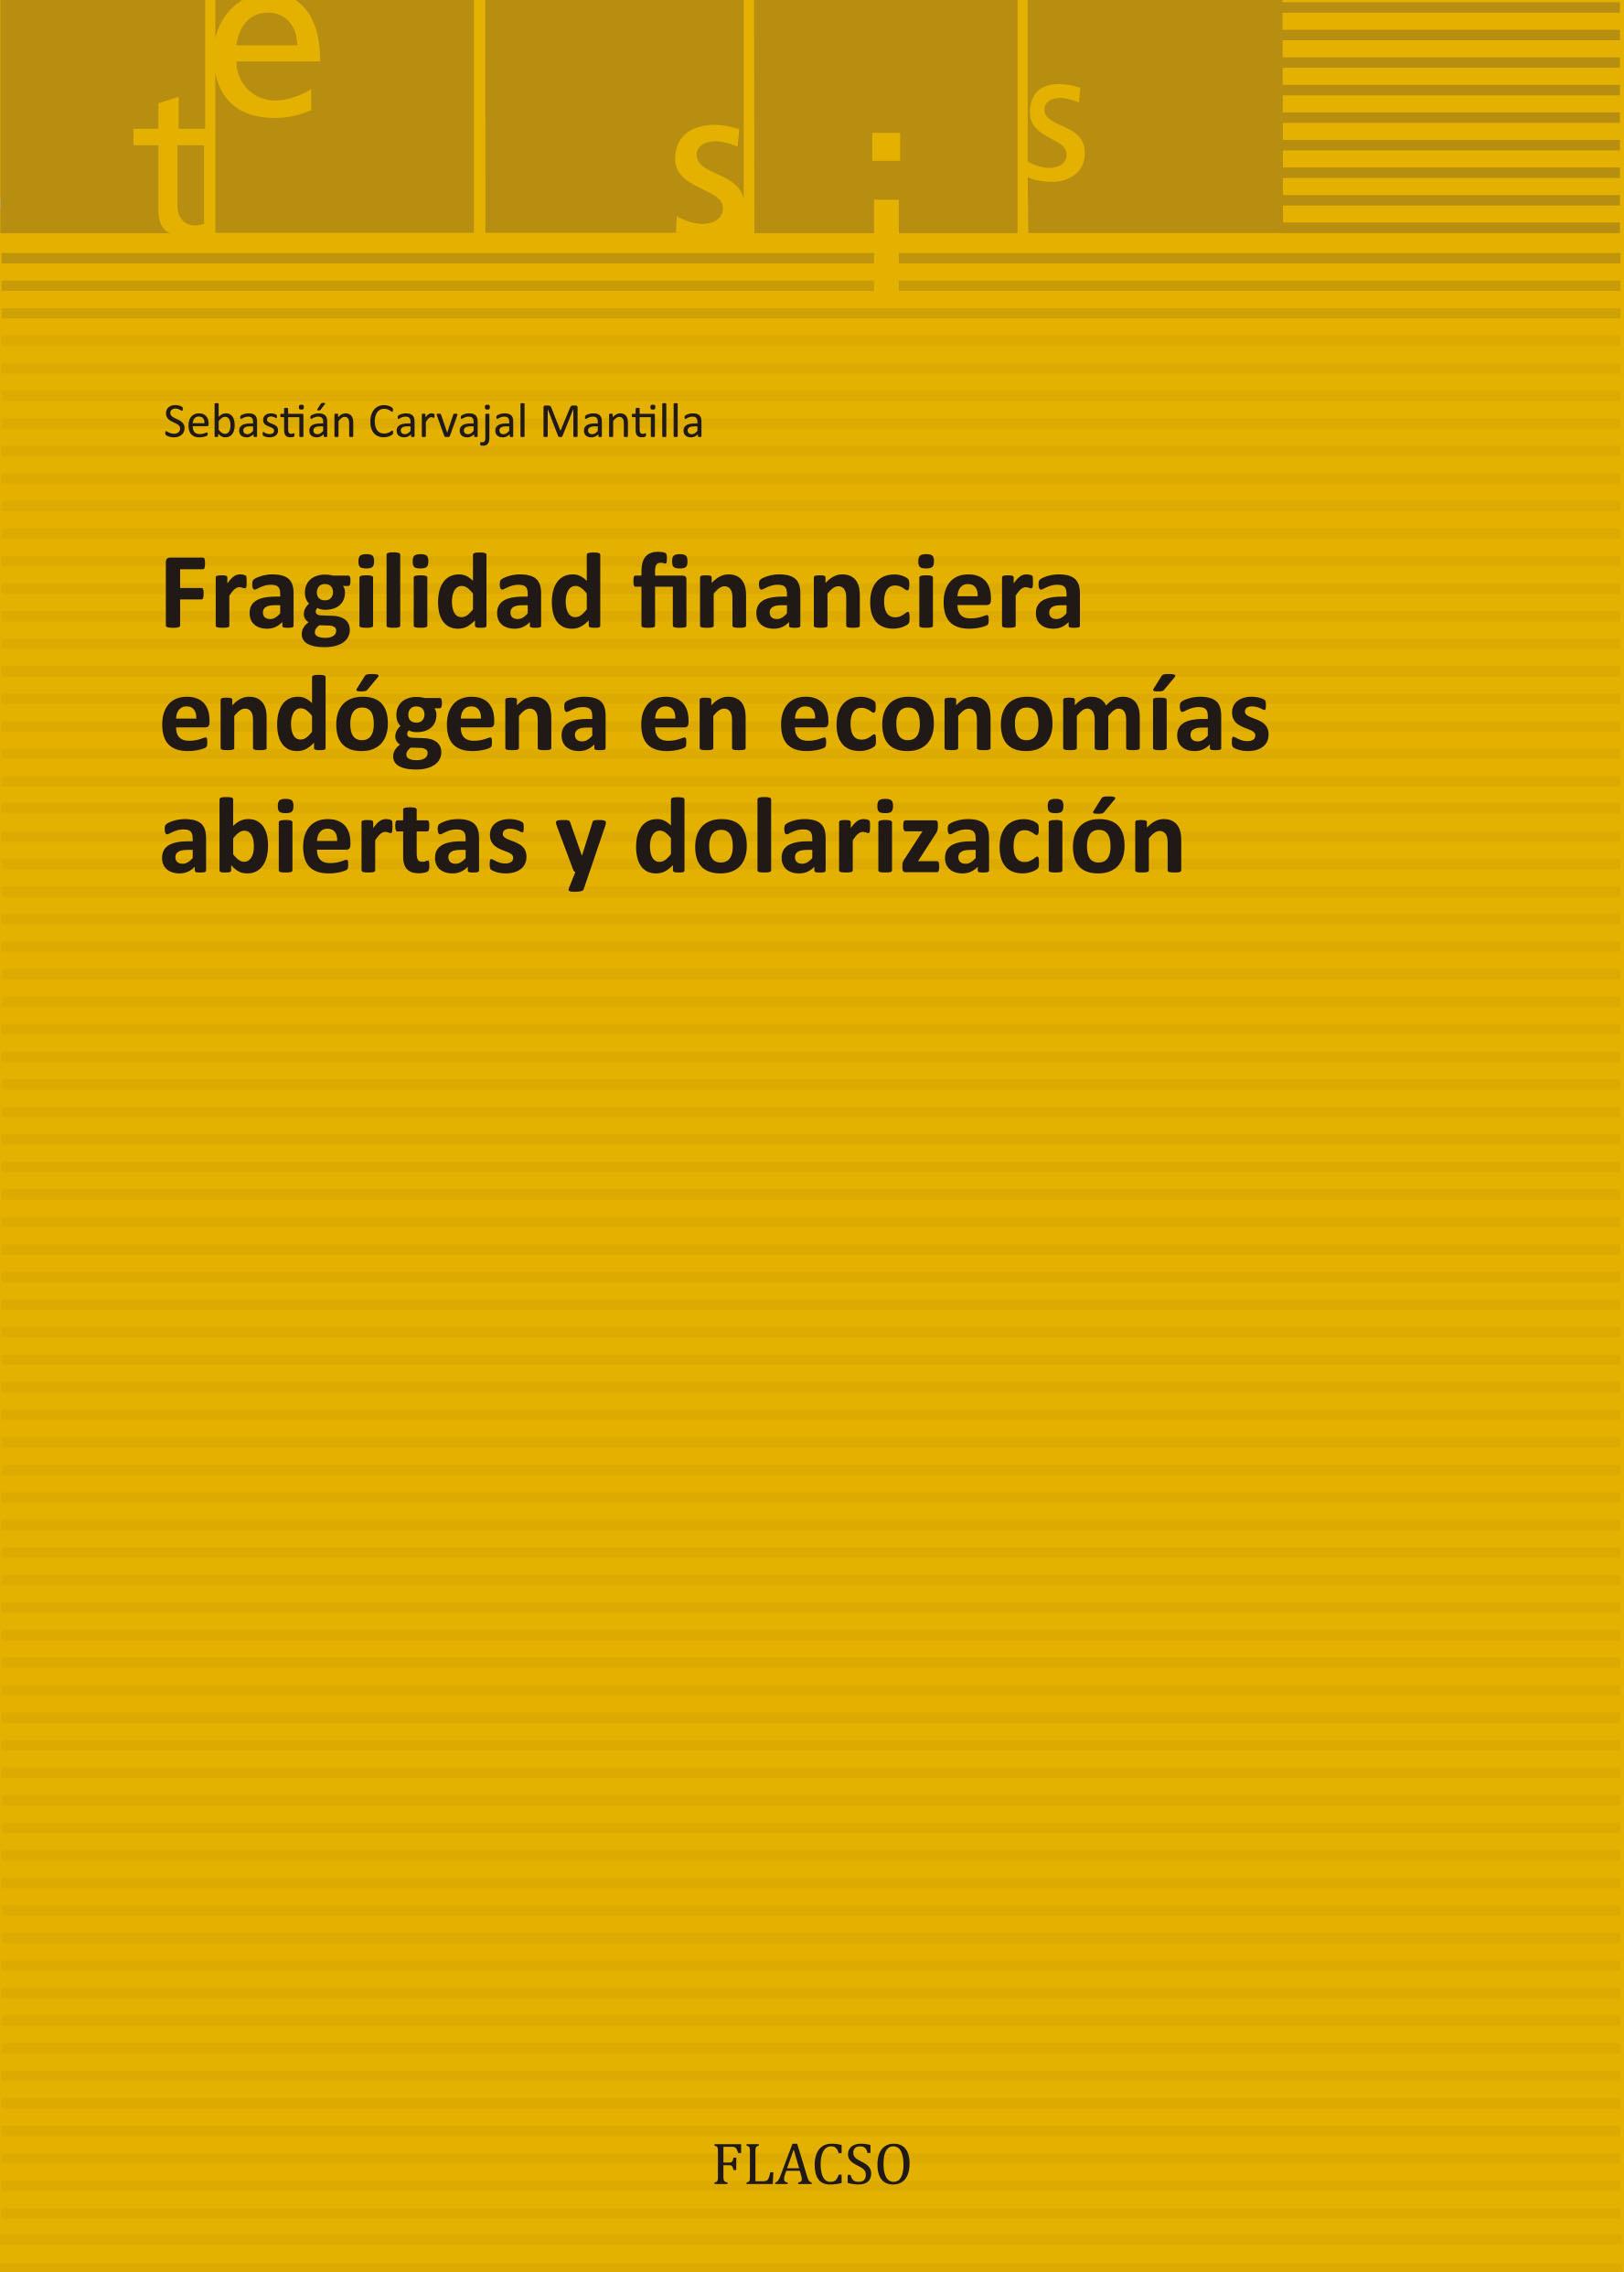 Fragilidad financiera endógena en economías abiertas y dolarización